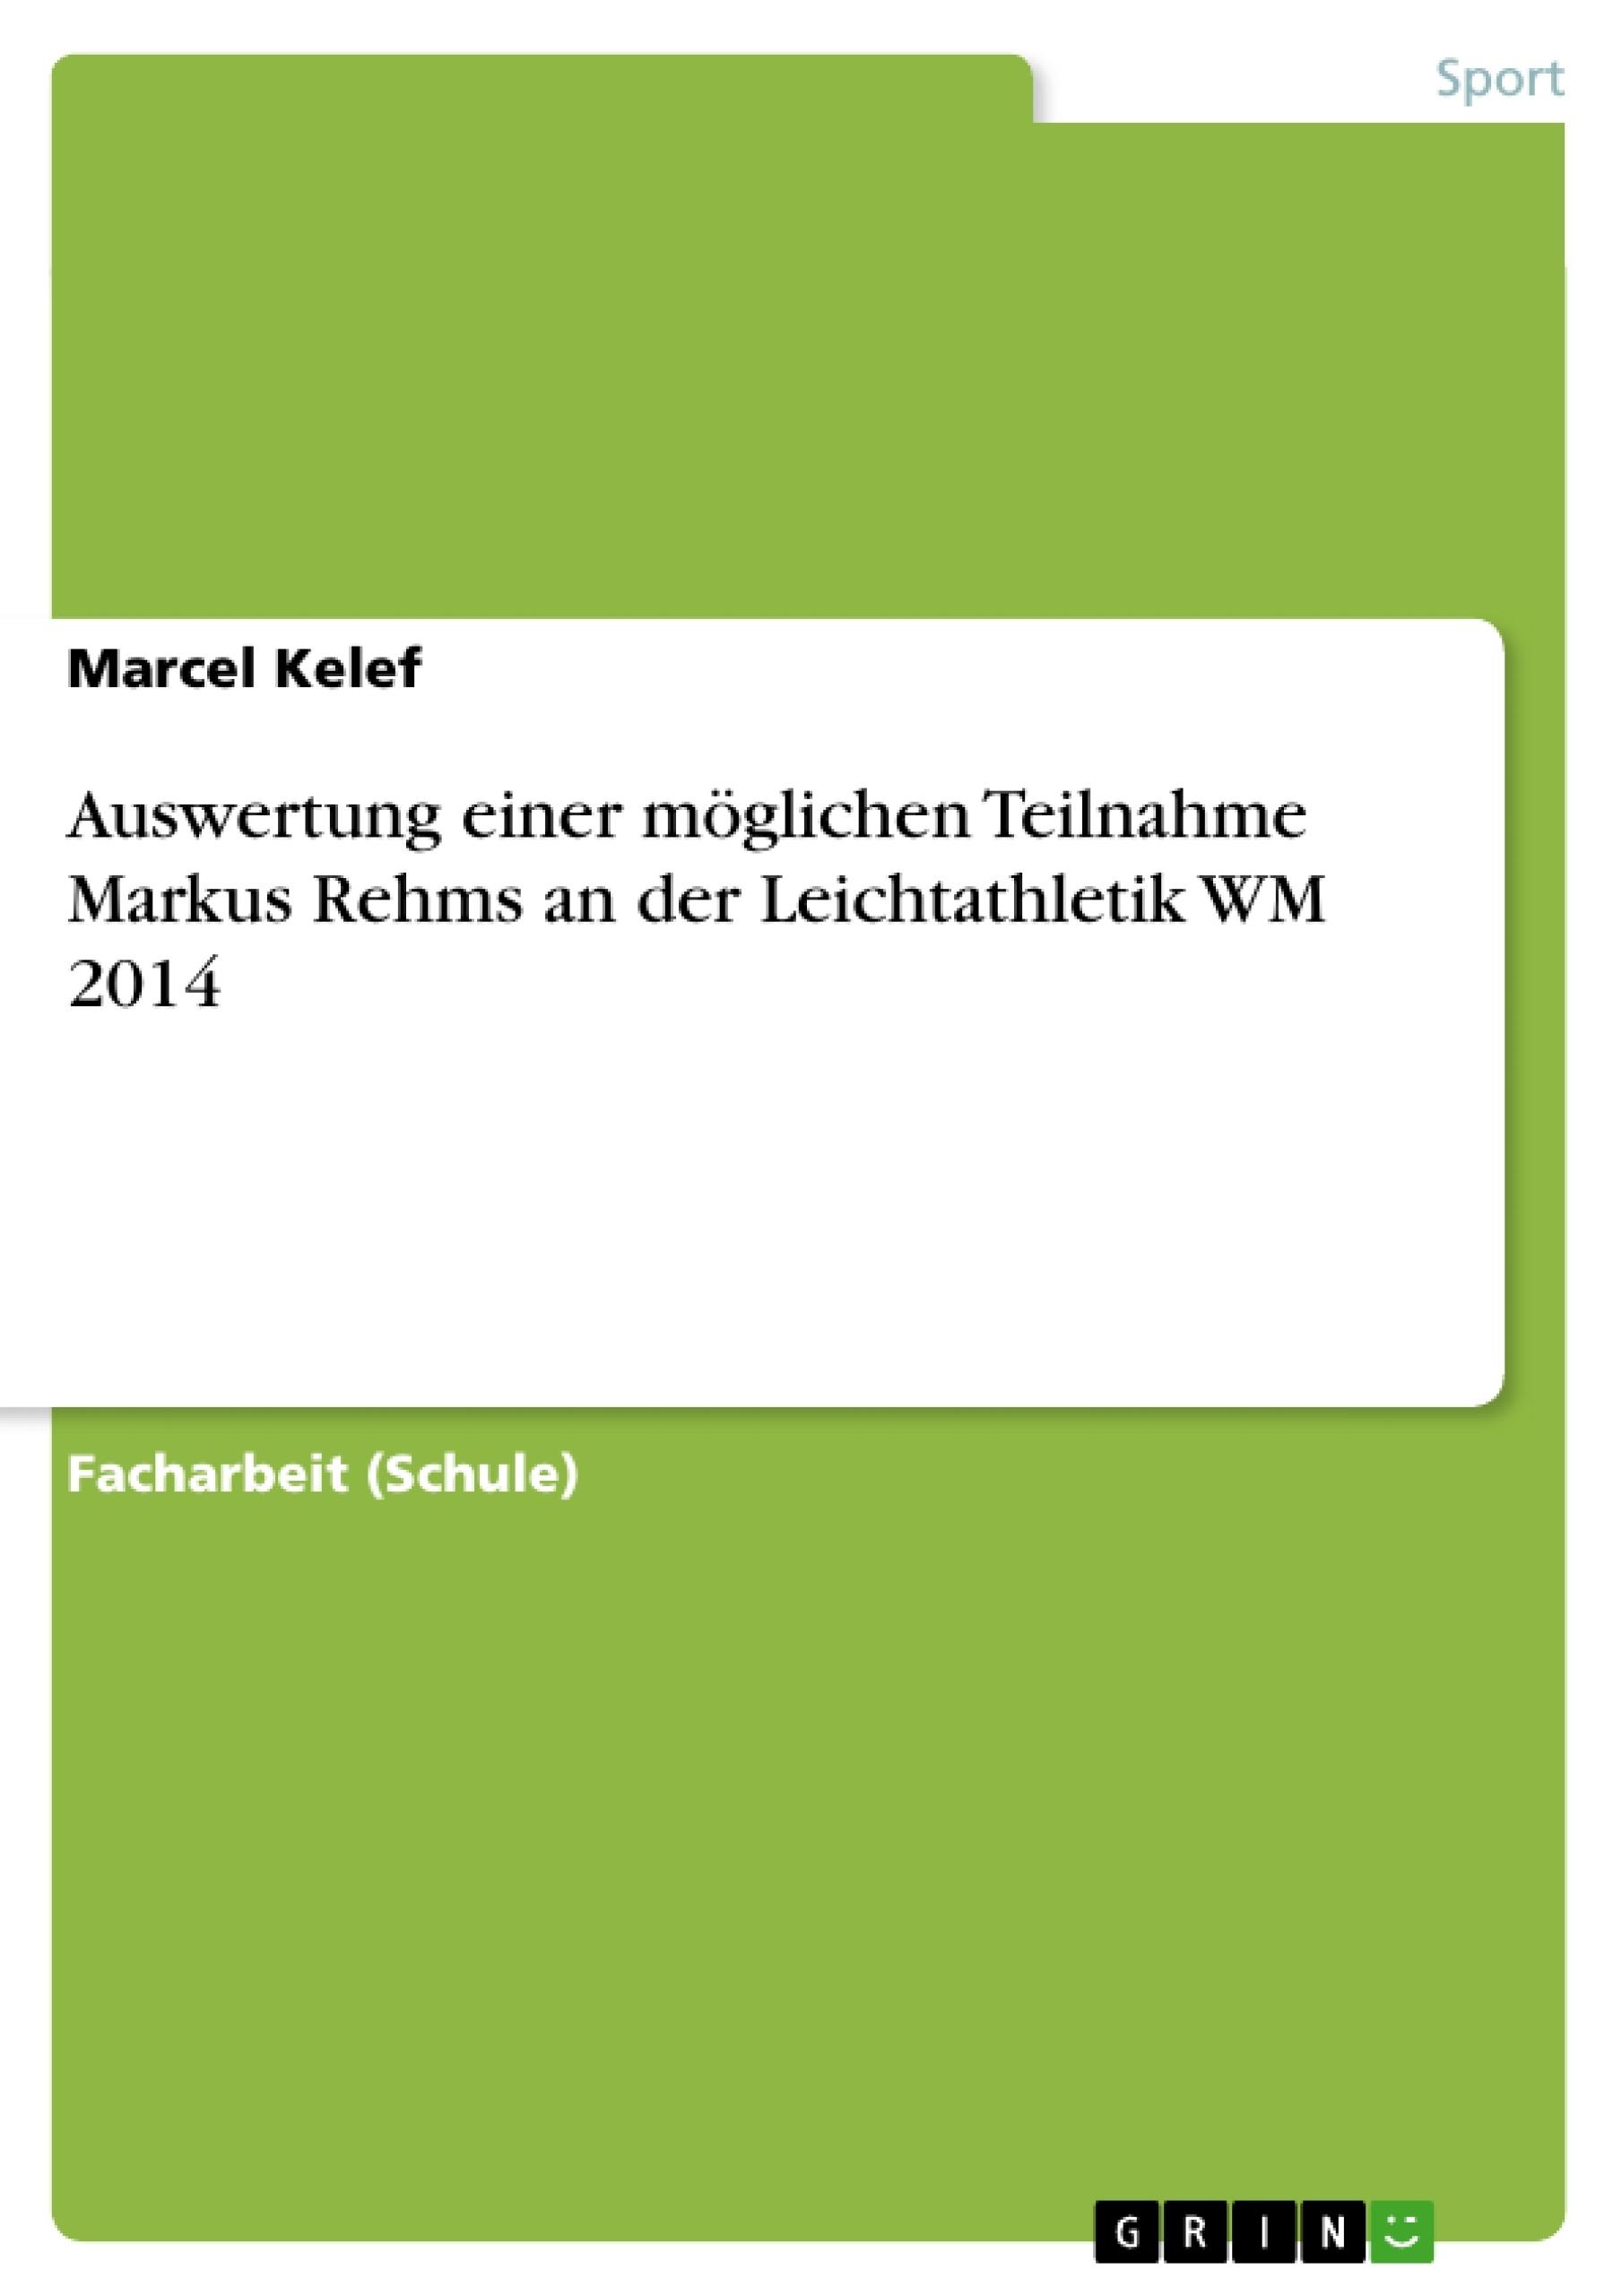 Titel: Auswertung einer möglichen Teilnahme Markus Rehms an der Leichtathletik WM 2014